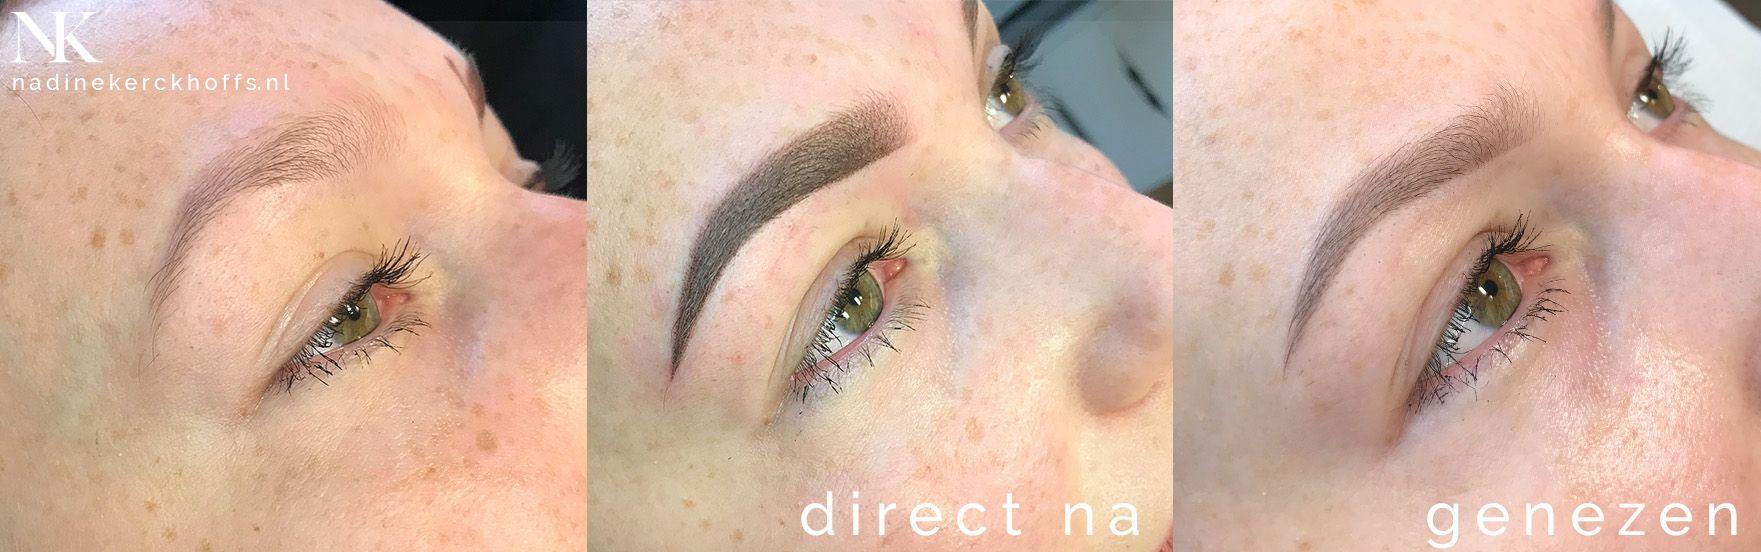 Iris wenkbrauwen permanente make-up Maastricht, Zuid-Limburg, Nadine Kerckhoffs